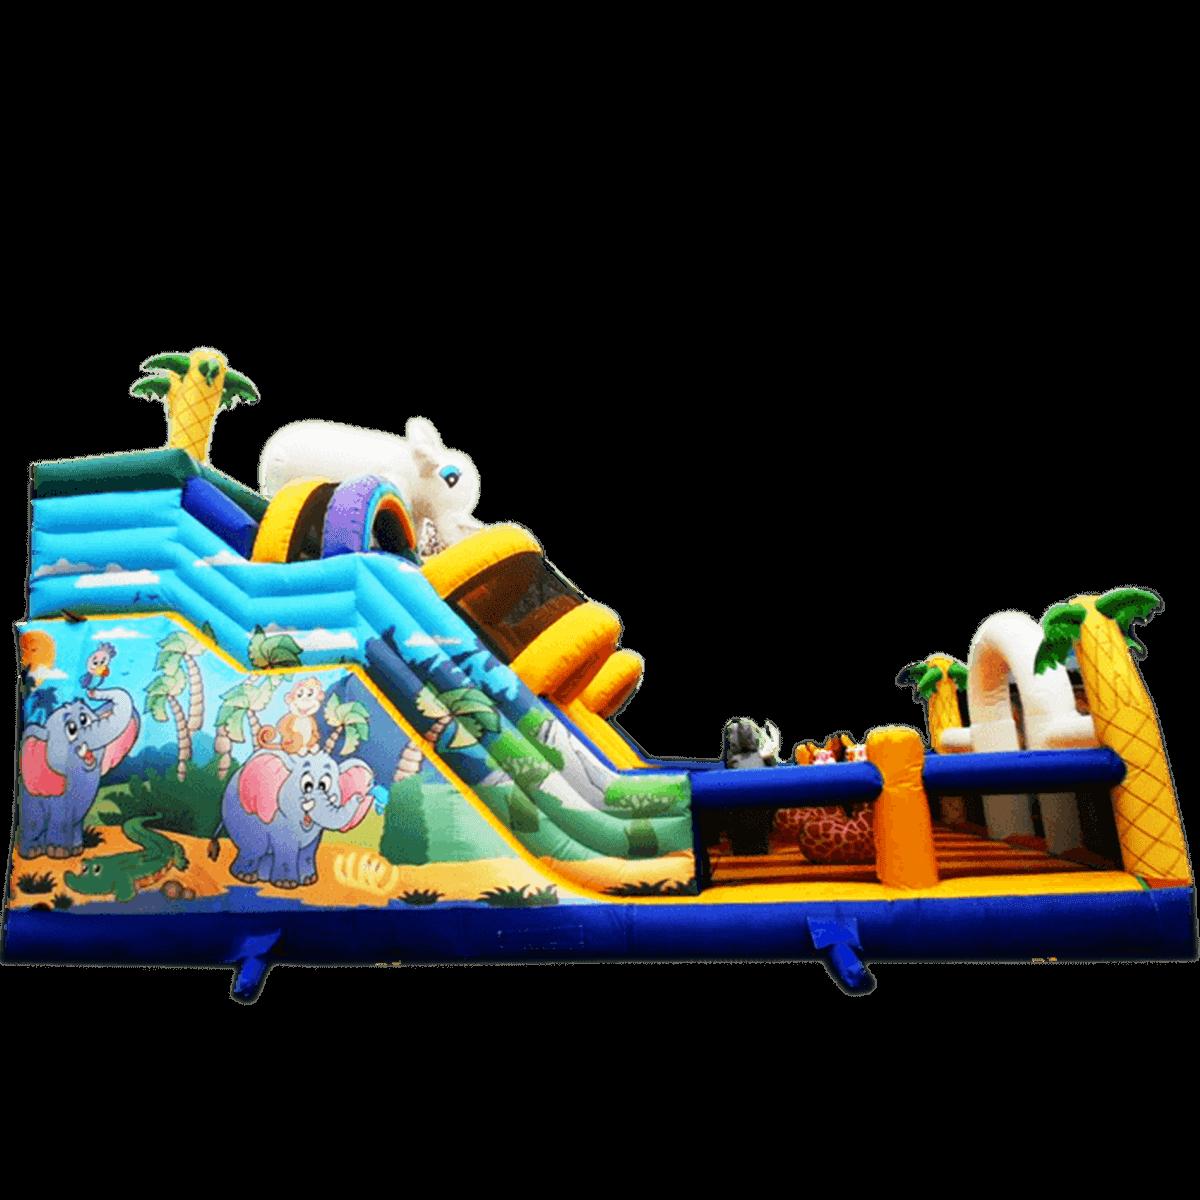 Коммерческий надувной батут «Слоник с двумя переходами»